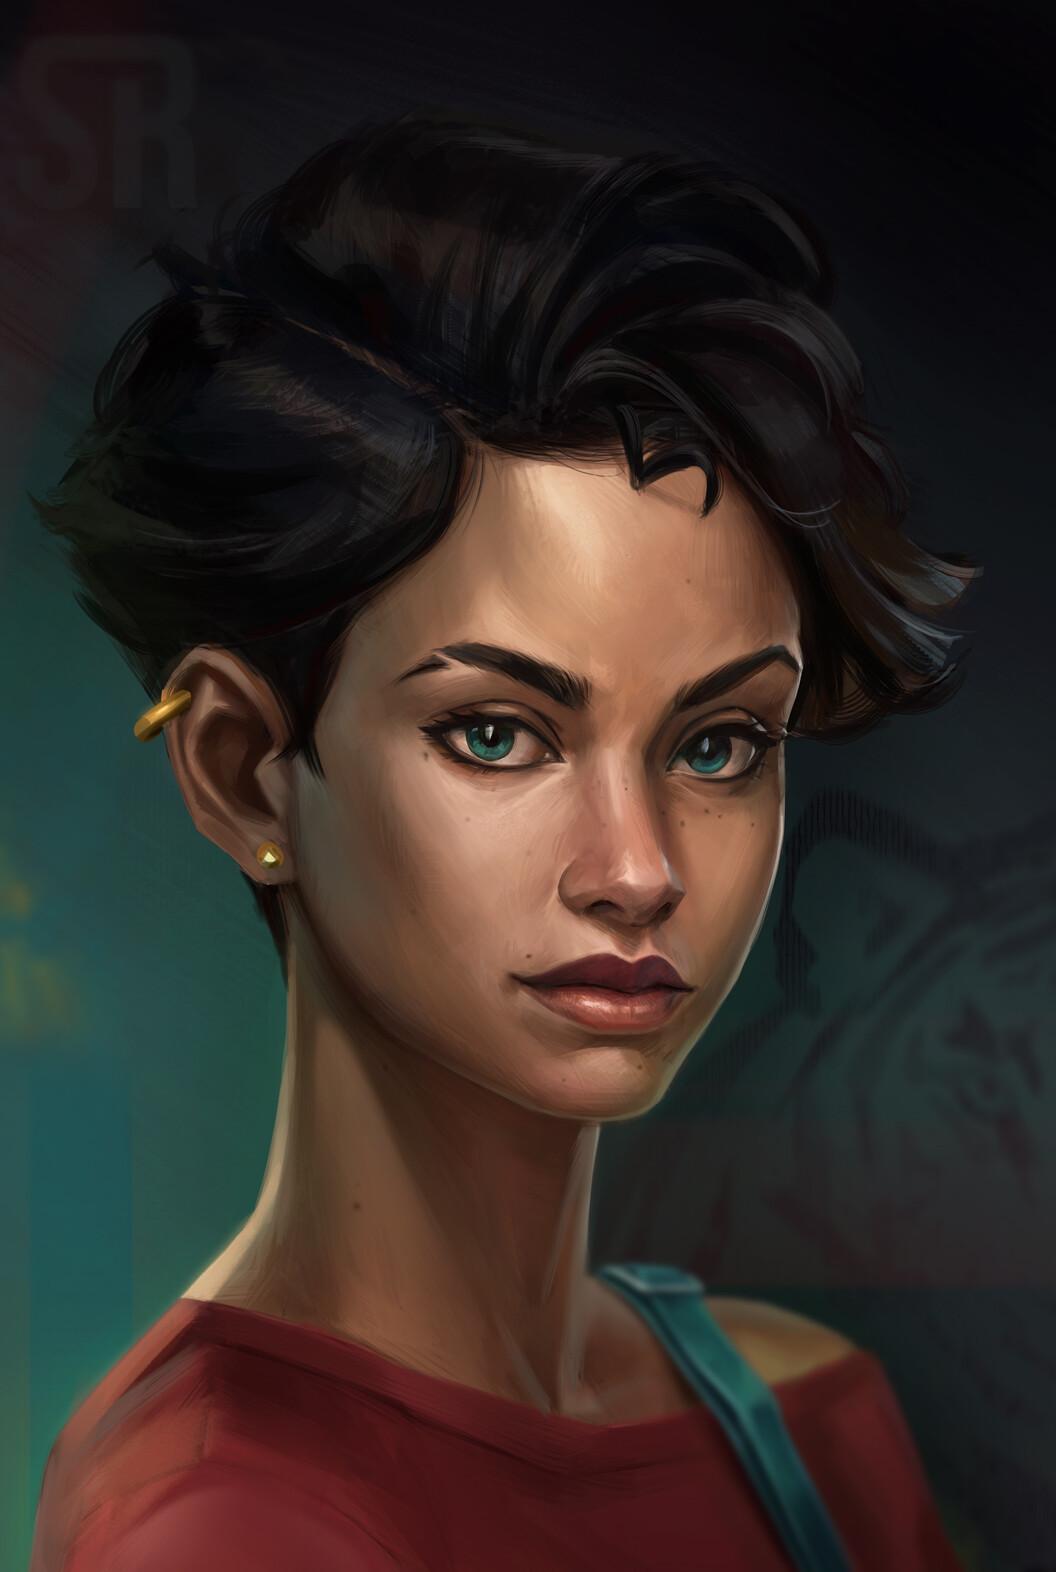 Lory portrait